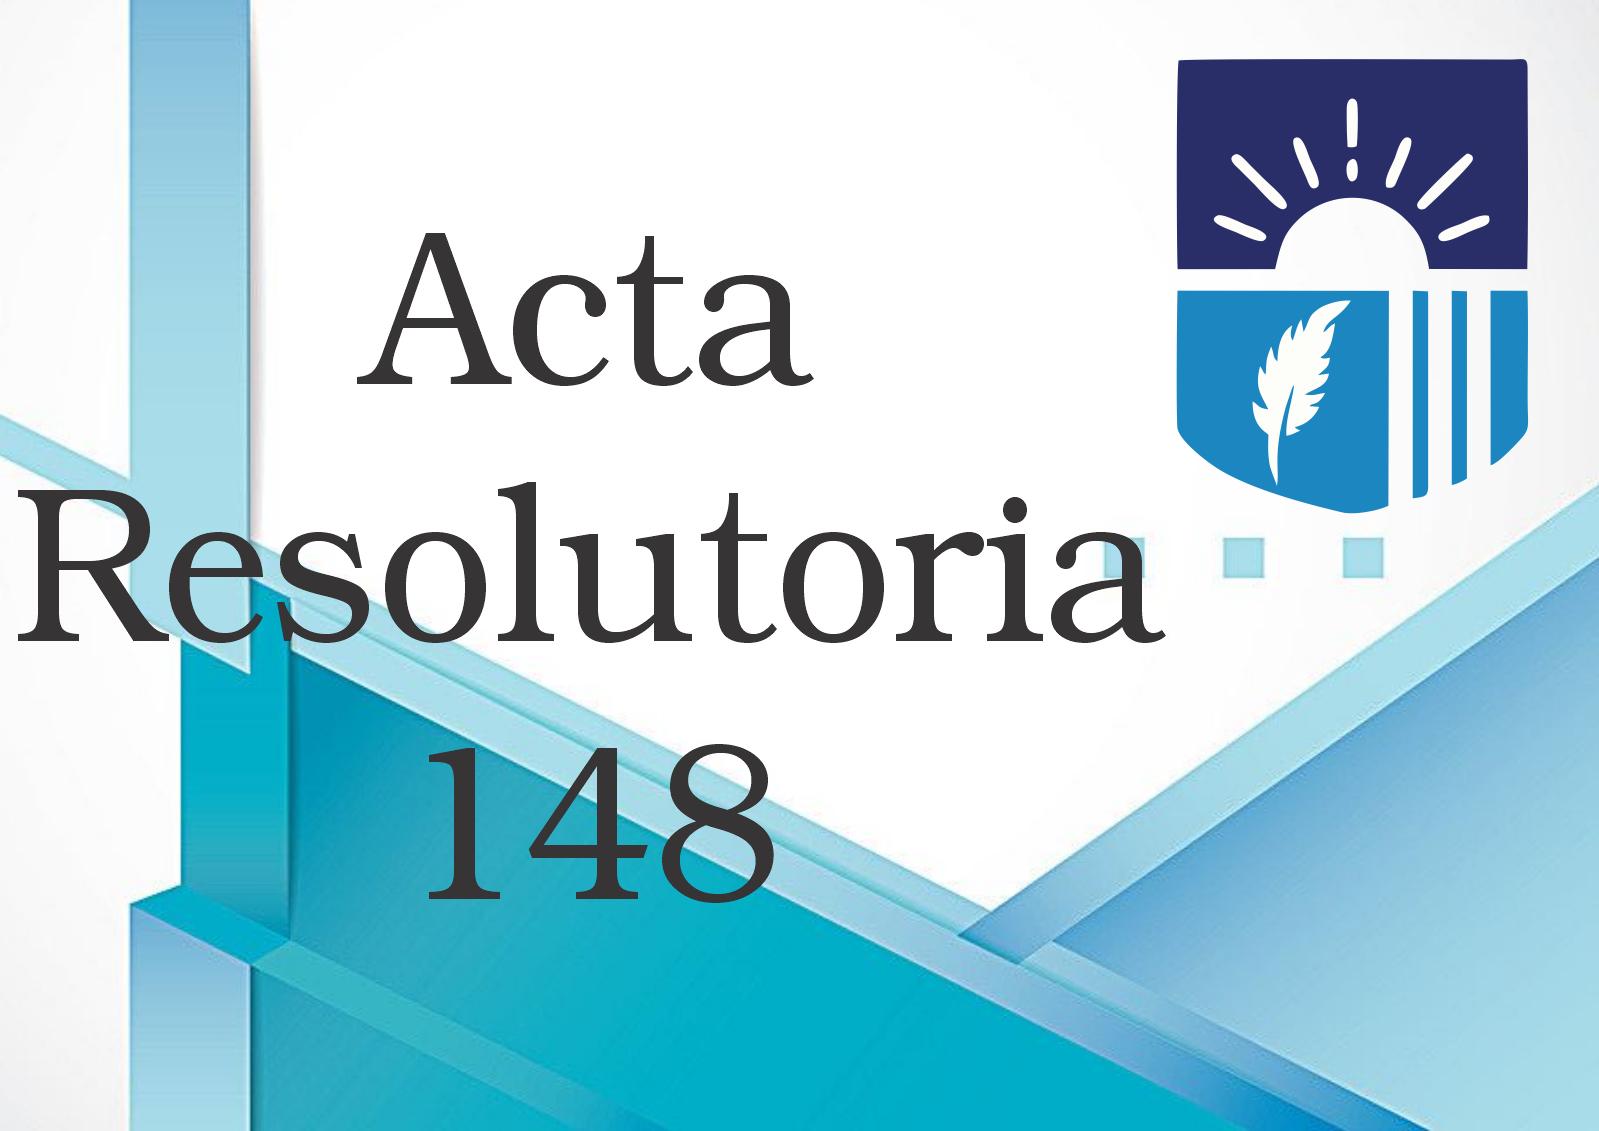 ACTA RESOLUTORIA 148 DE 2020